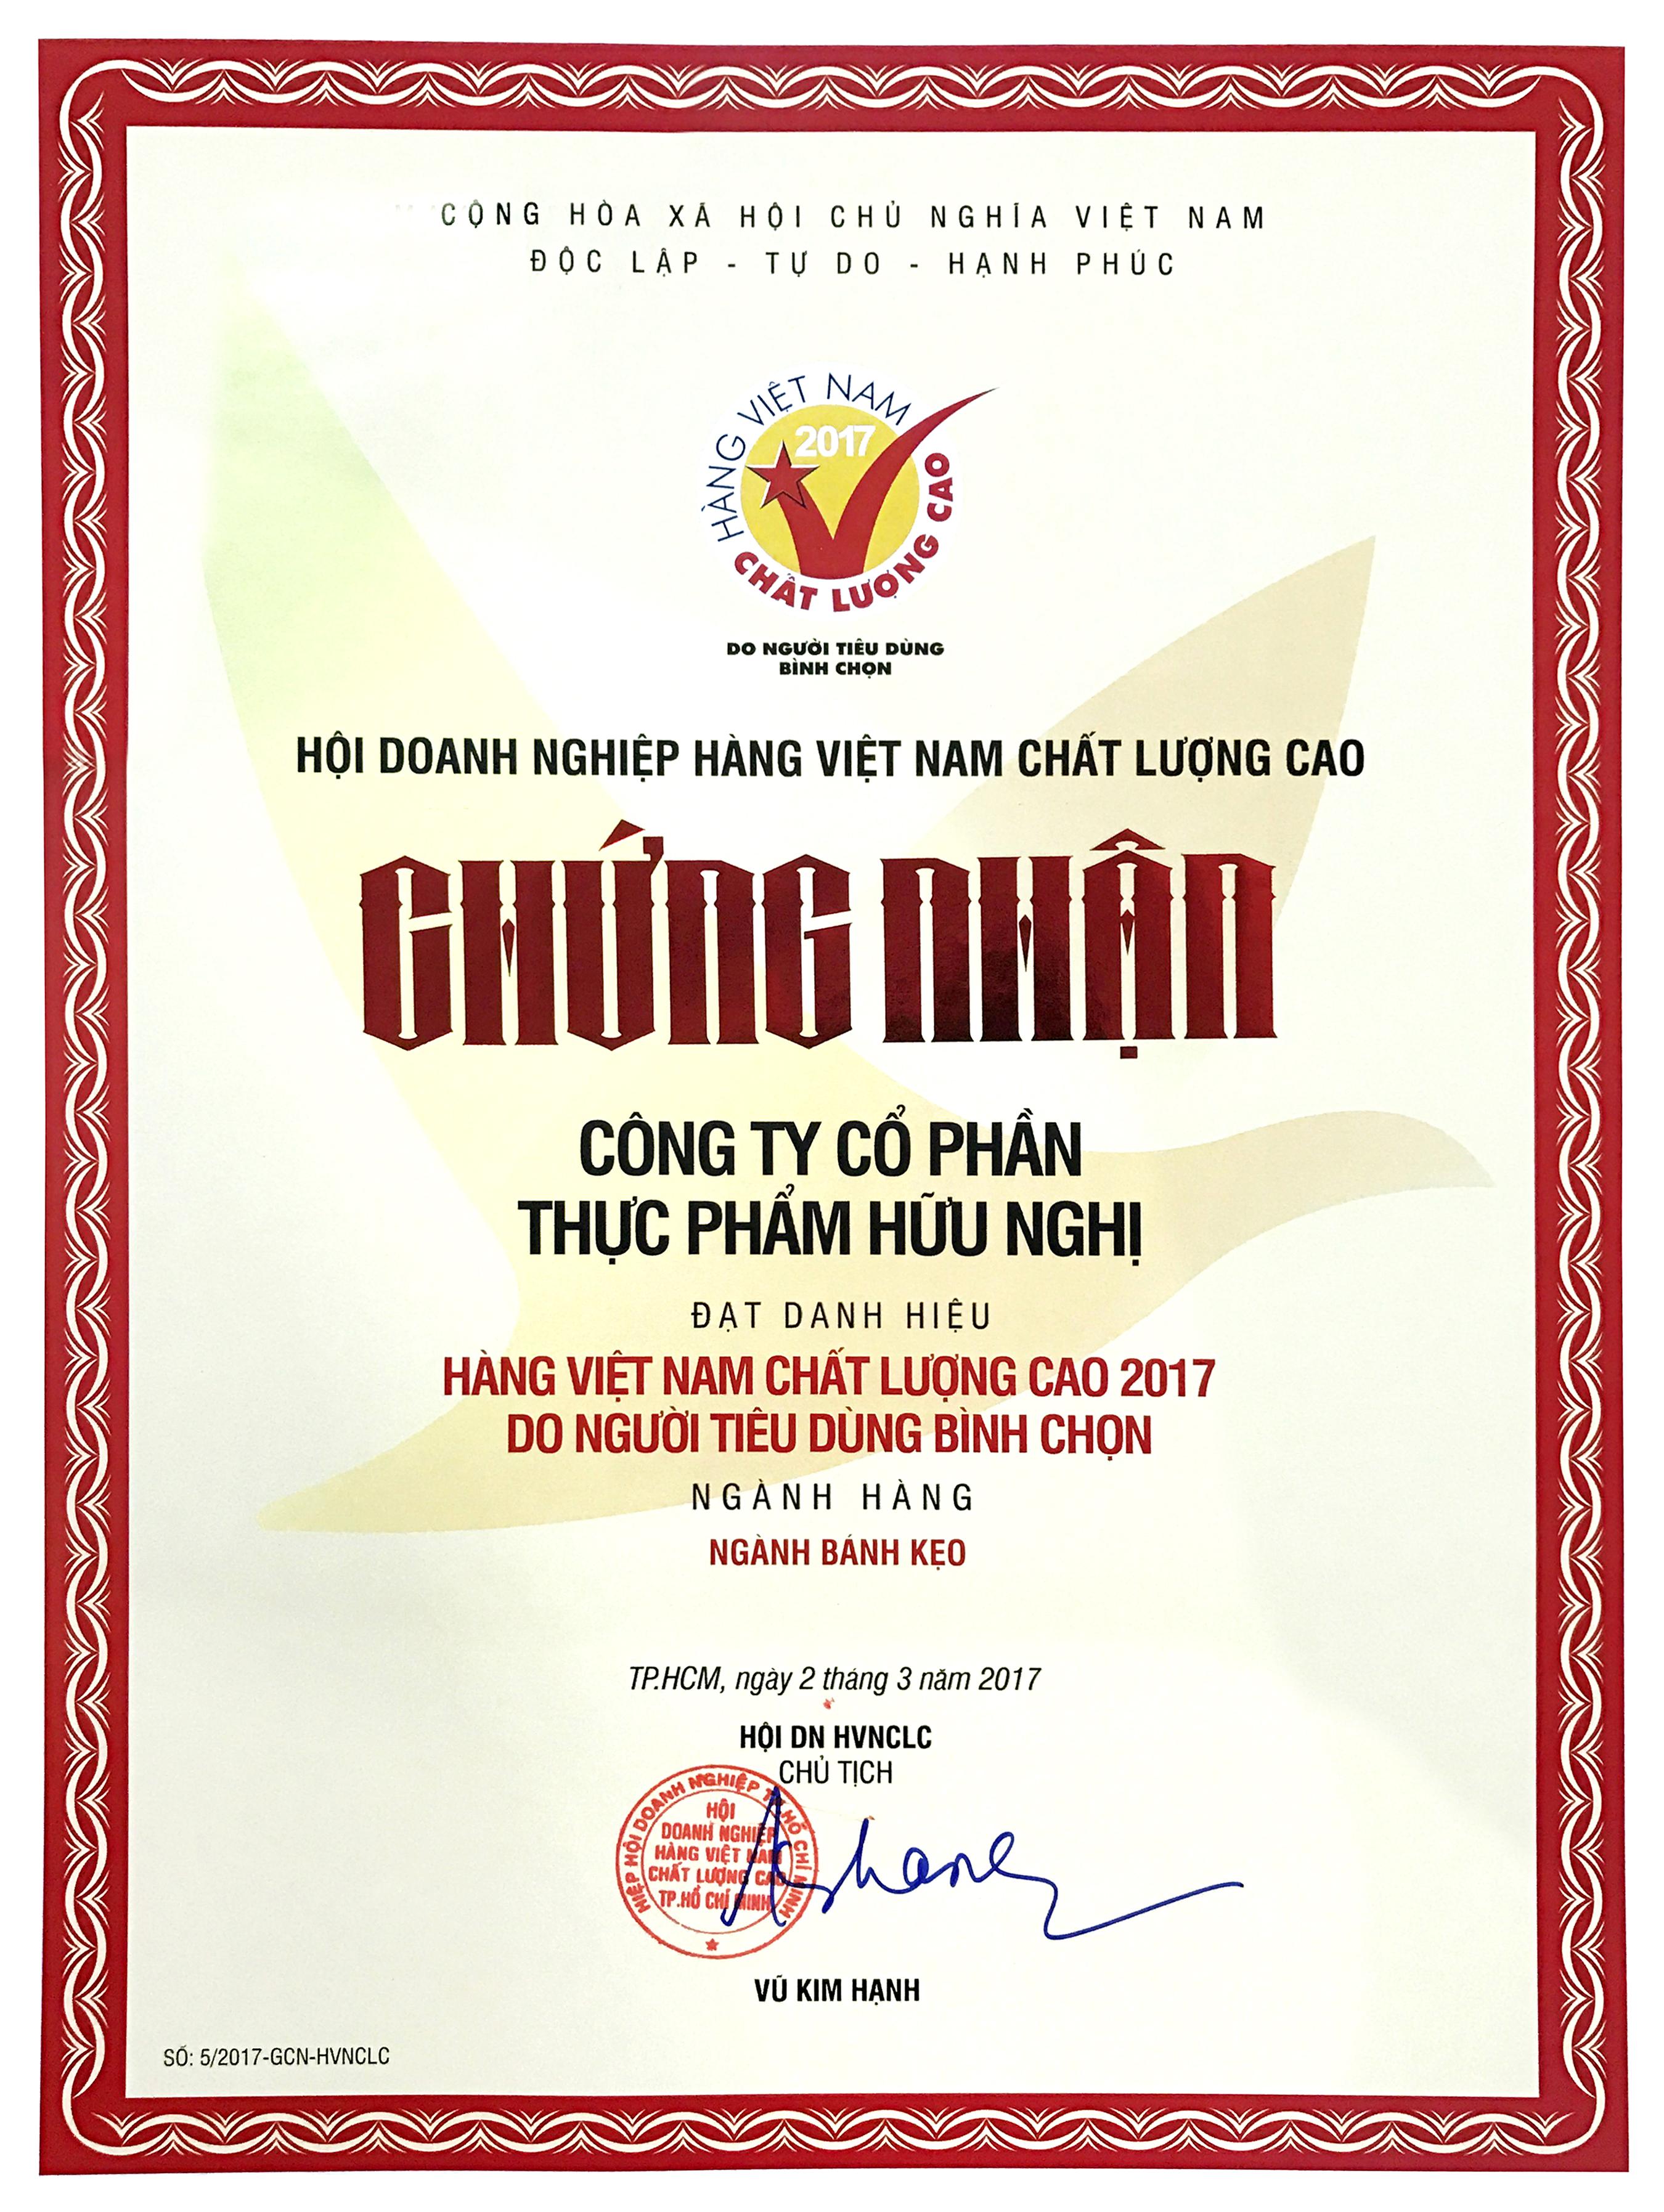 Hàng Việt Nam chất lượng cao 2017